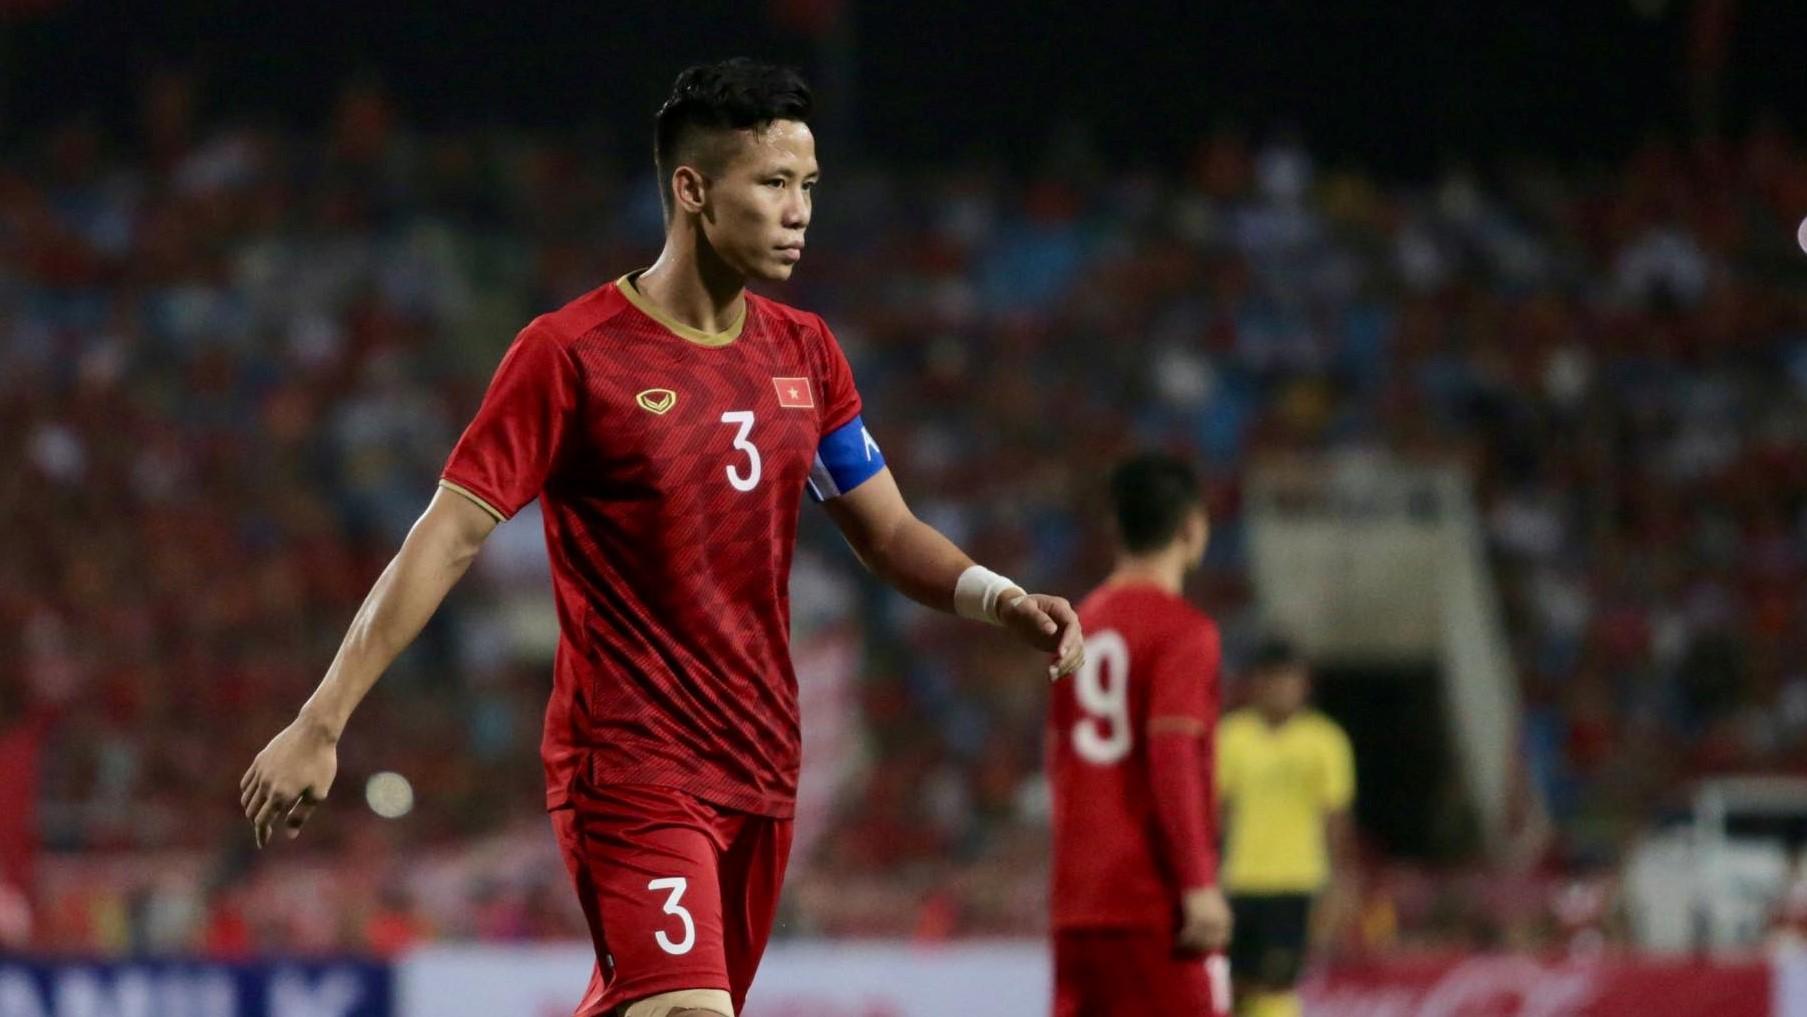 Quế Ngọc Hải khẳng định Quang Hải là cầu thủ đẳng cấp châu Á